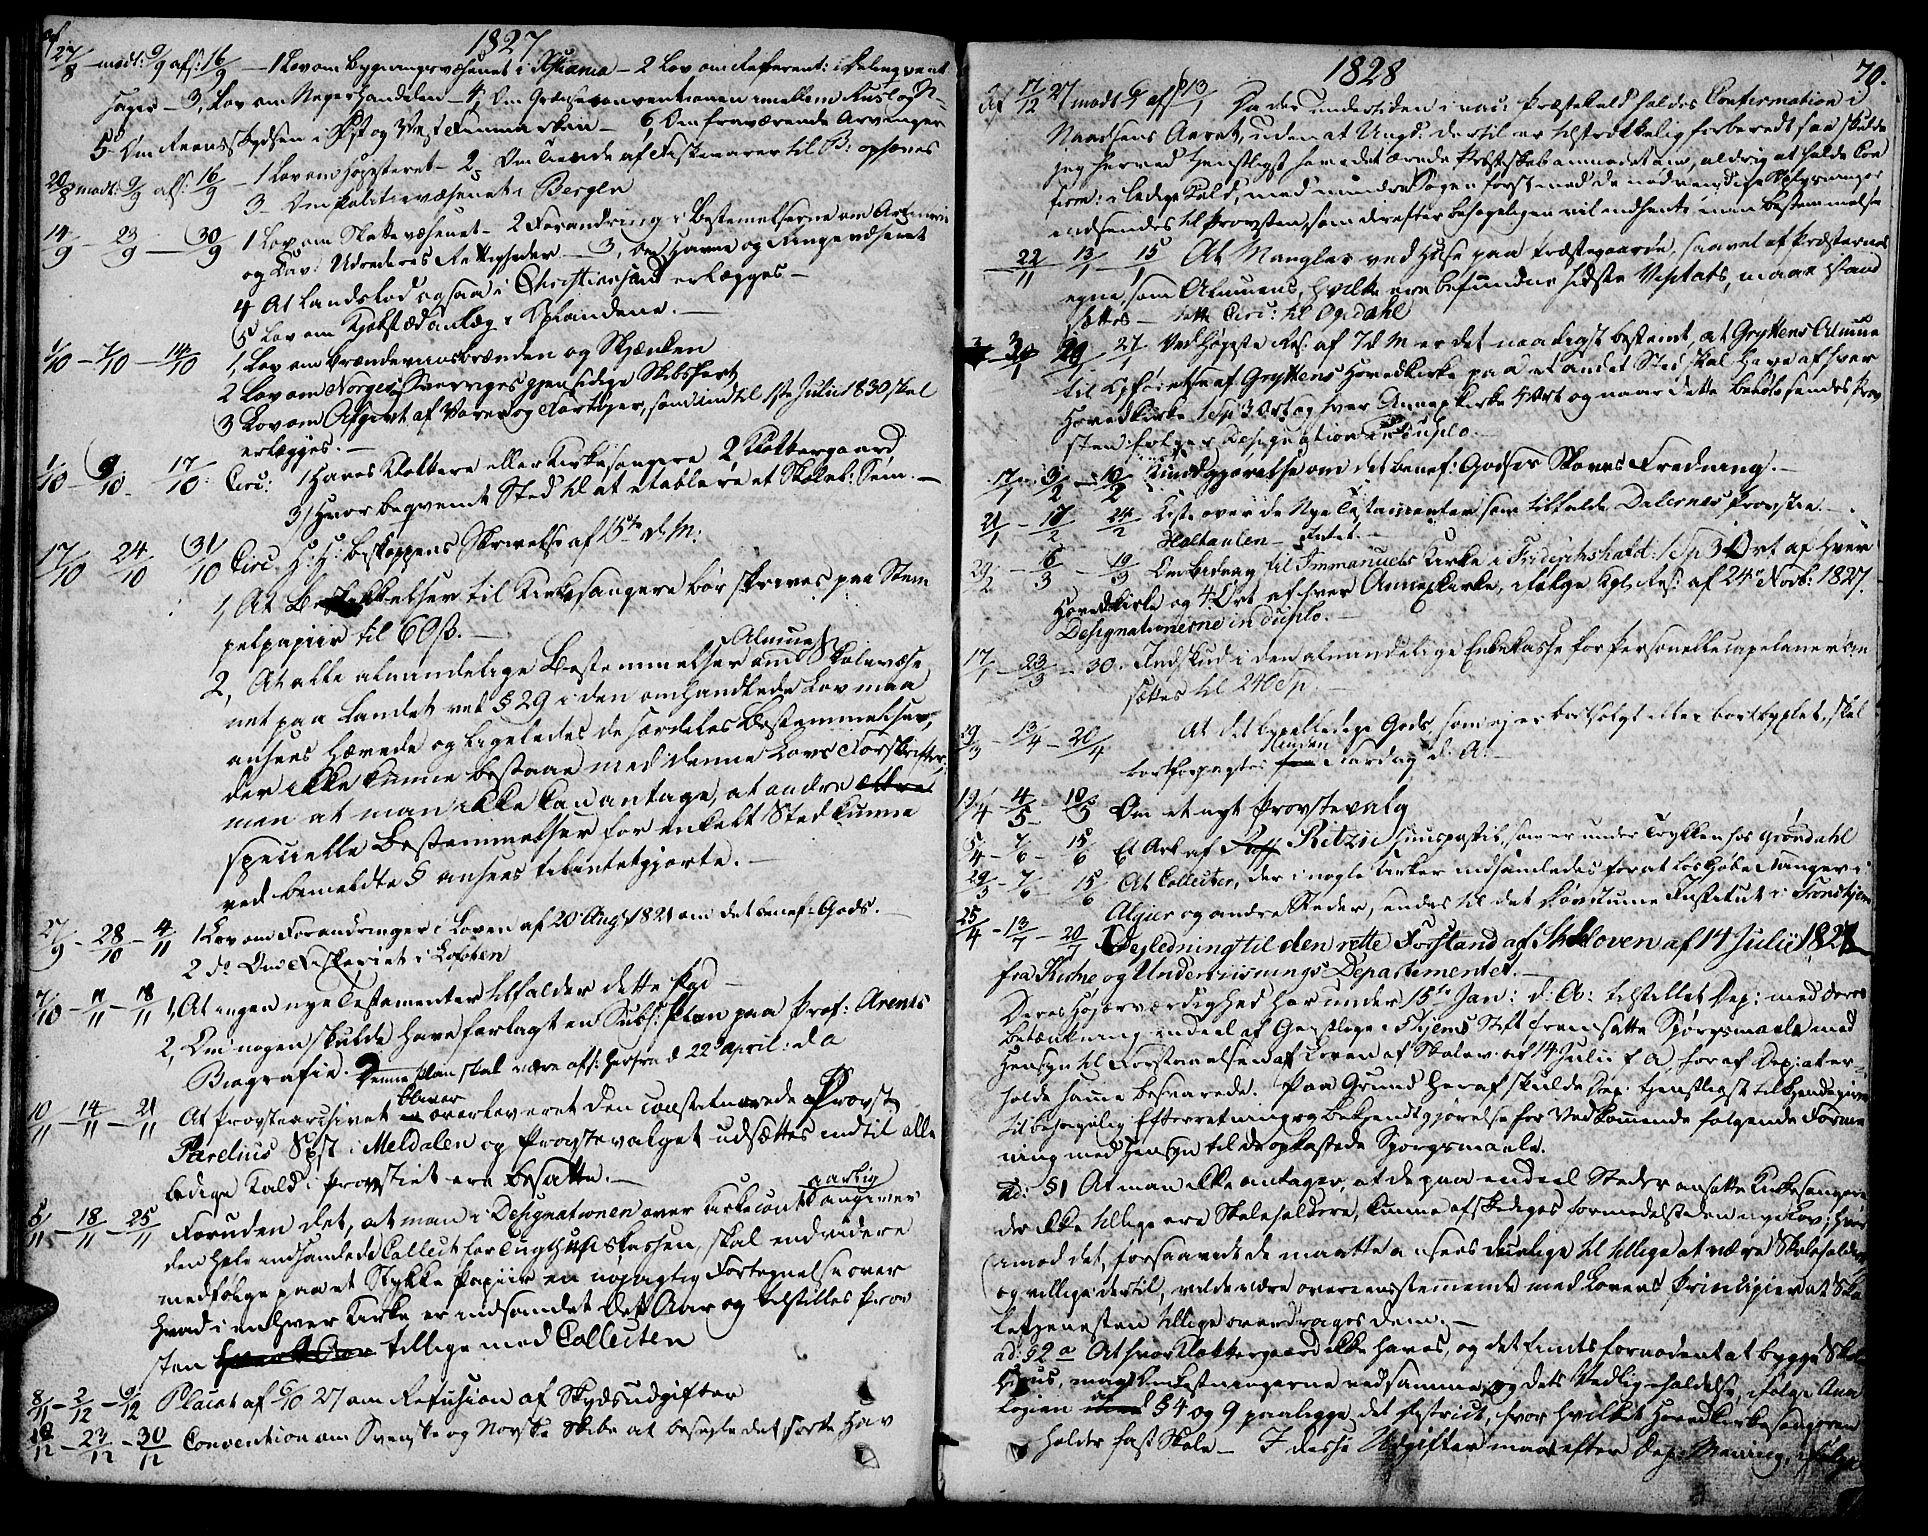 SAT, Ministerialprotokoller, klokkerbøker og fødselsregistre - Sør-Trøndelag, 685/L0953: Ministerialbok nr. 685A02, 1805-1816, s. 70